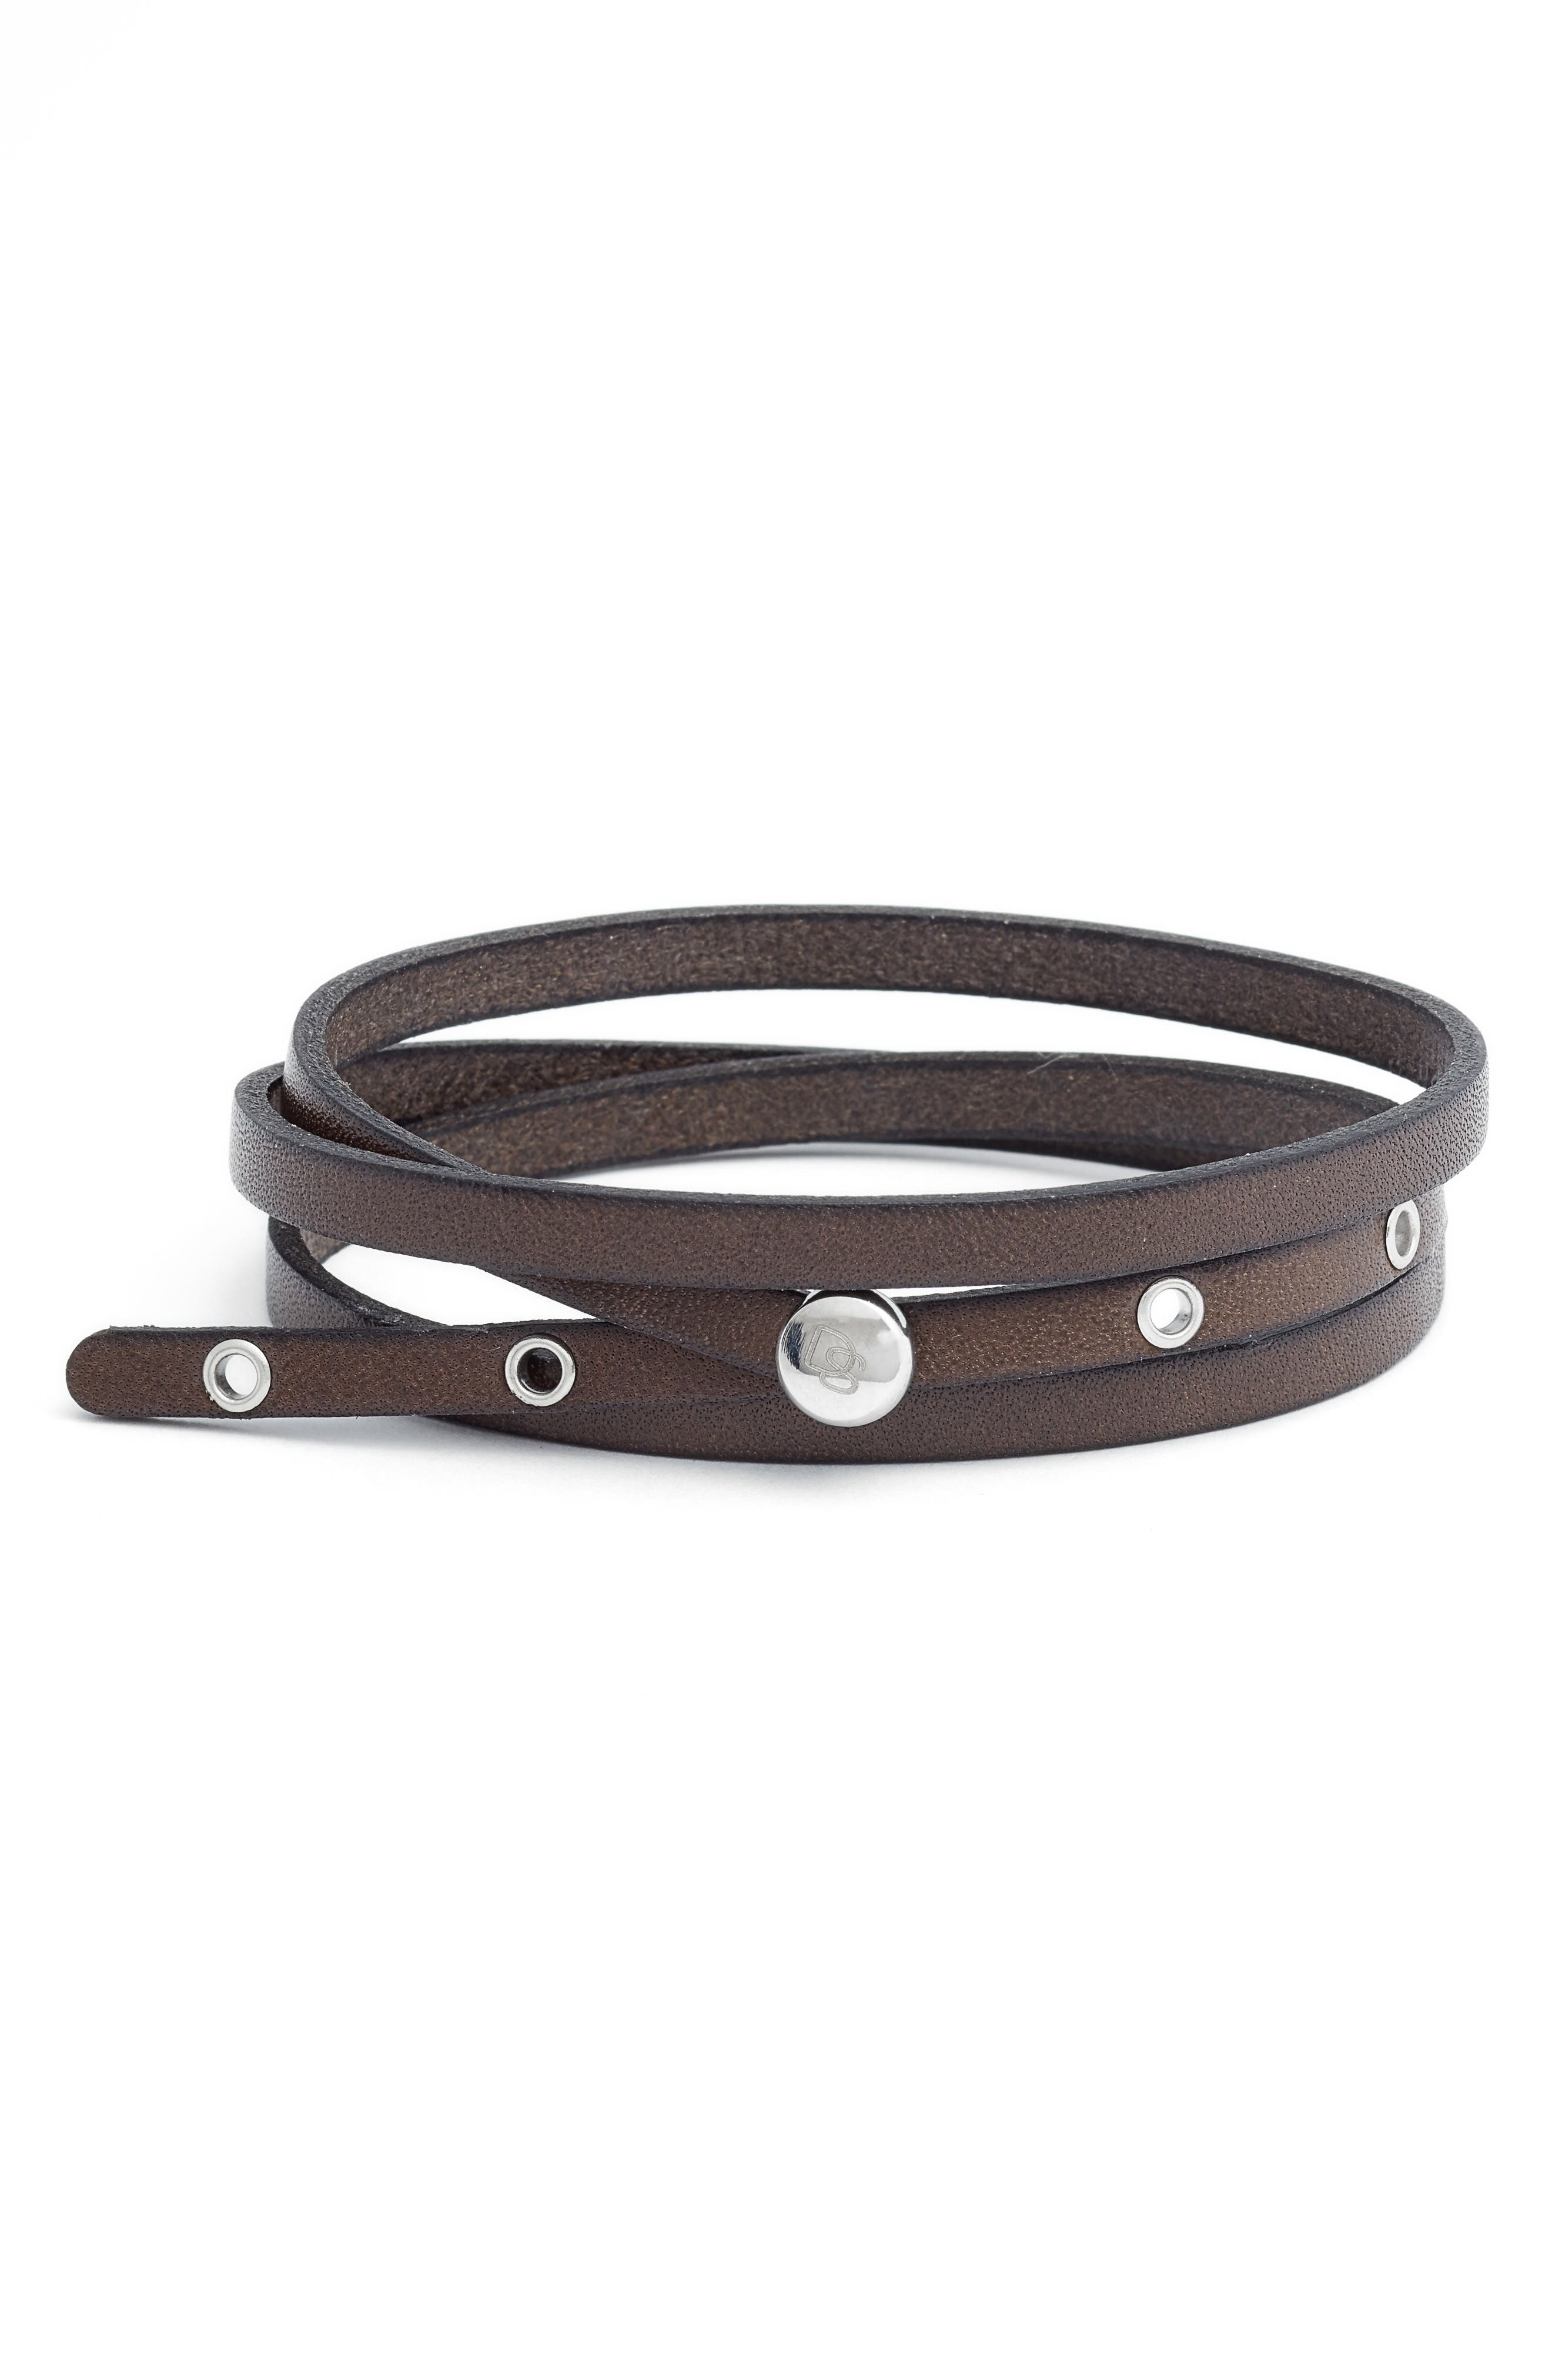 Leather Wrap Bracelet,                         Main,                         color, BROWN